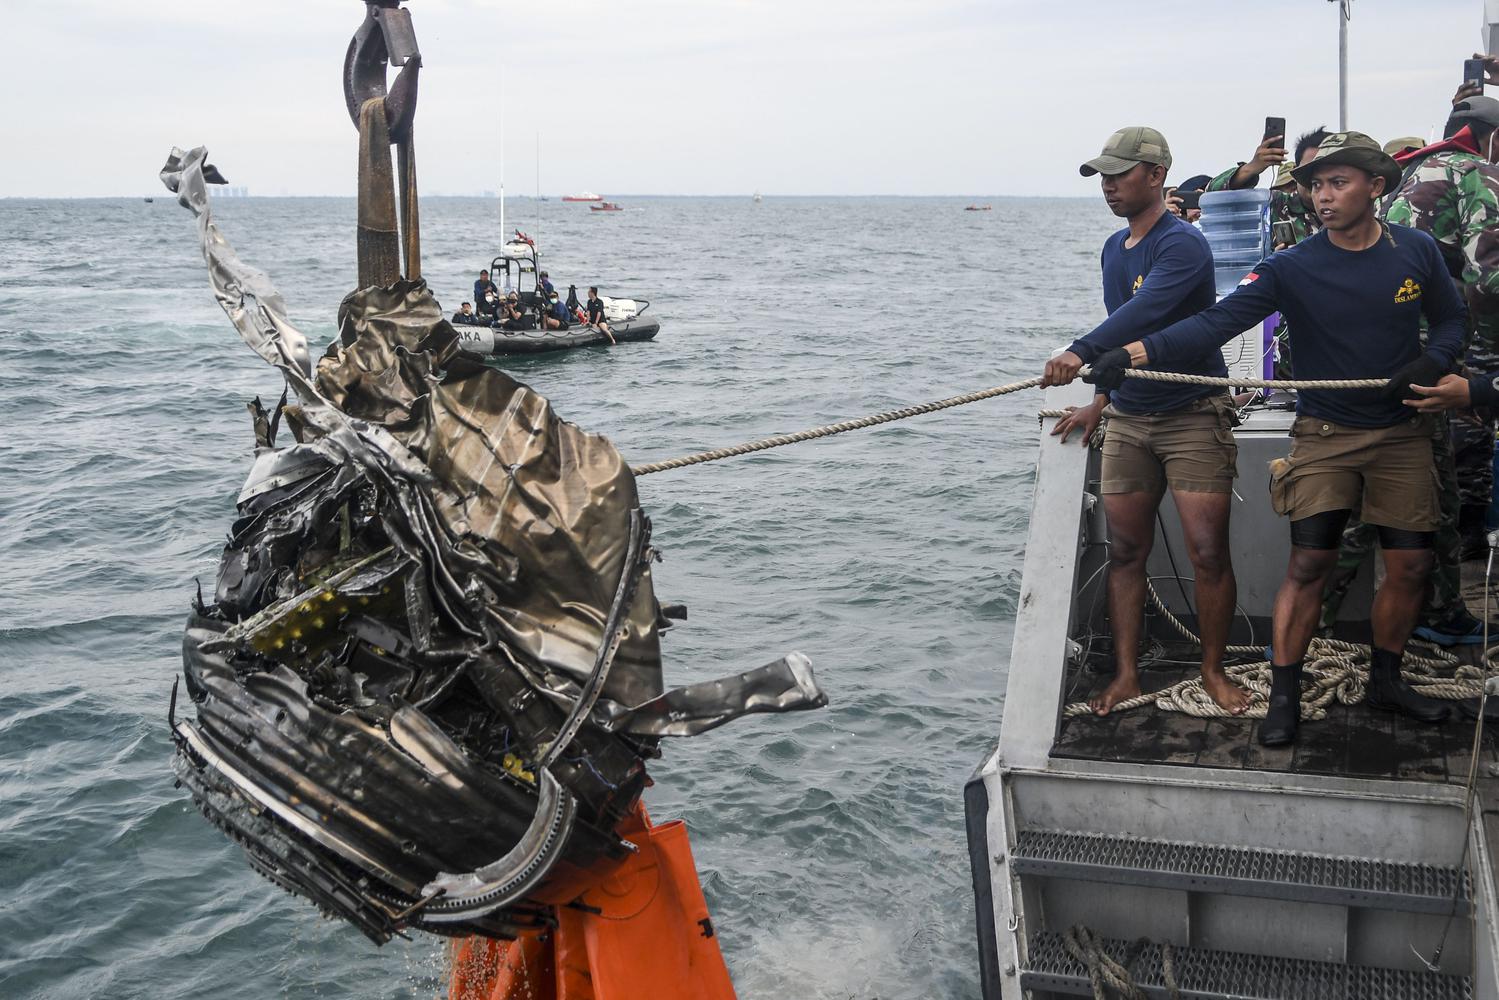 Sejumlah penyelam TNI AL menarik puing yang diduga turbin dari pesawat Sriwijaya Air SJ 182 ke atas KRI Rigel-933 di perairan Kepulauan Seribu, Jakarta, Senin (11/1/2021). Namun puing yang diduga turbin dari pesawat Sriwijaya Air SJ 182 jatuh sebelum dinaikkan ke atas kapal.